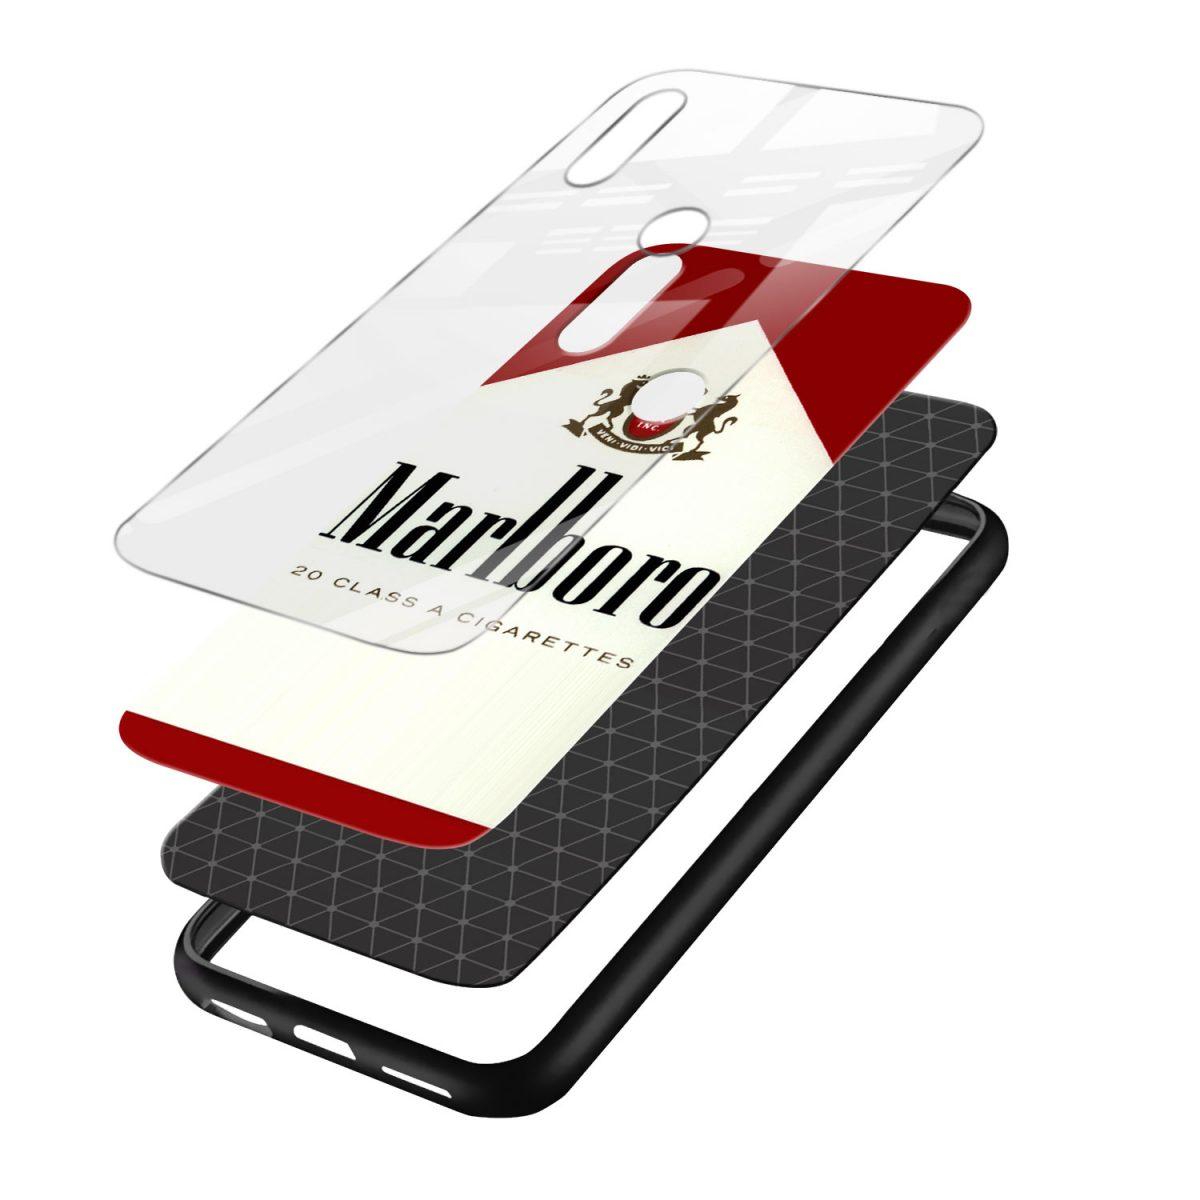 marlboro cigarette custom redmi note7 mobile cover layers view 1